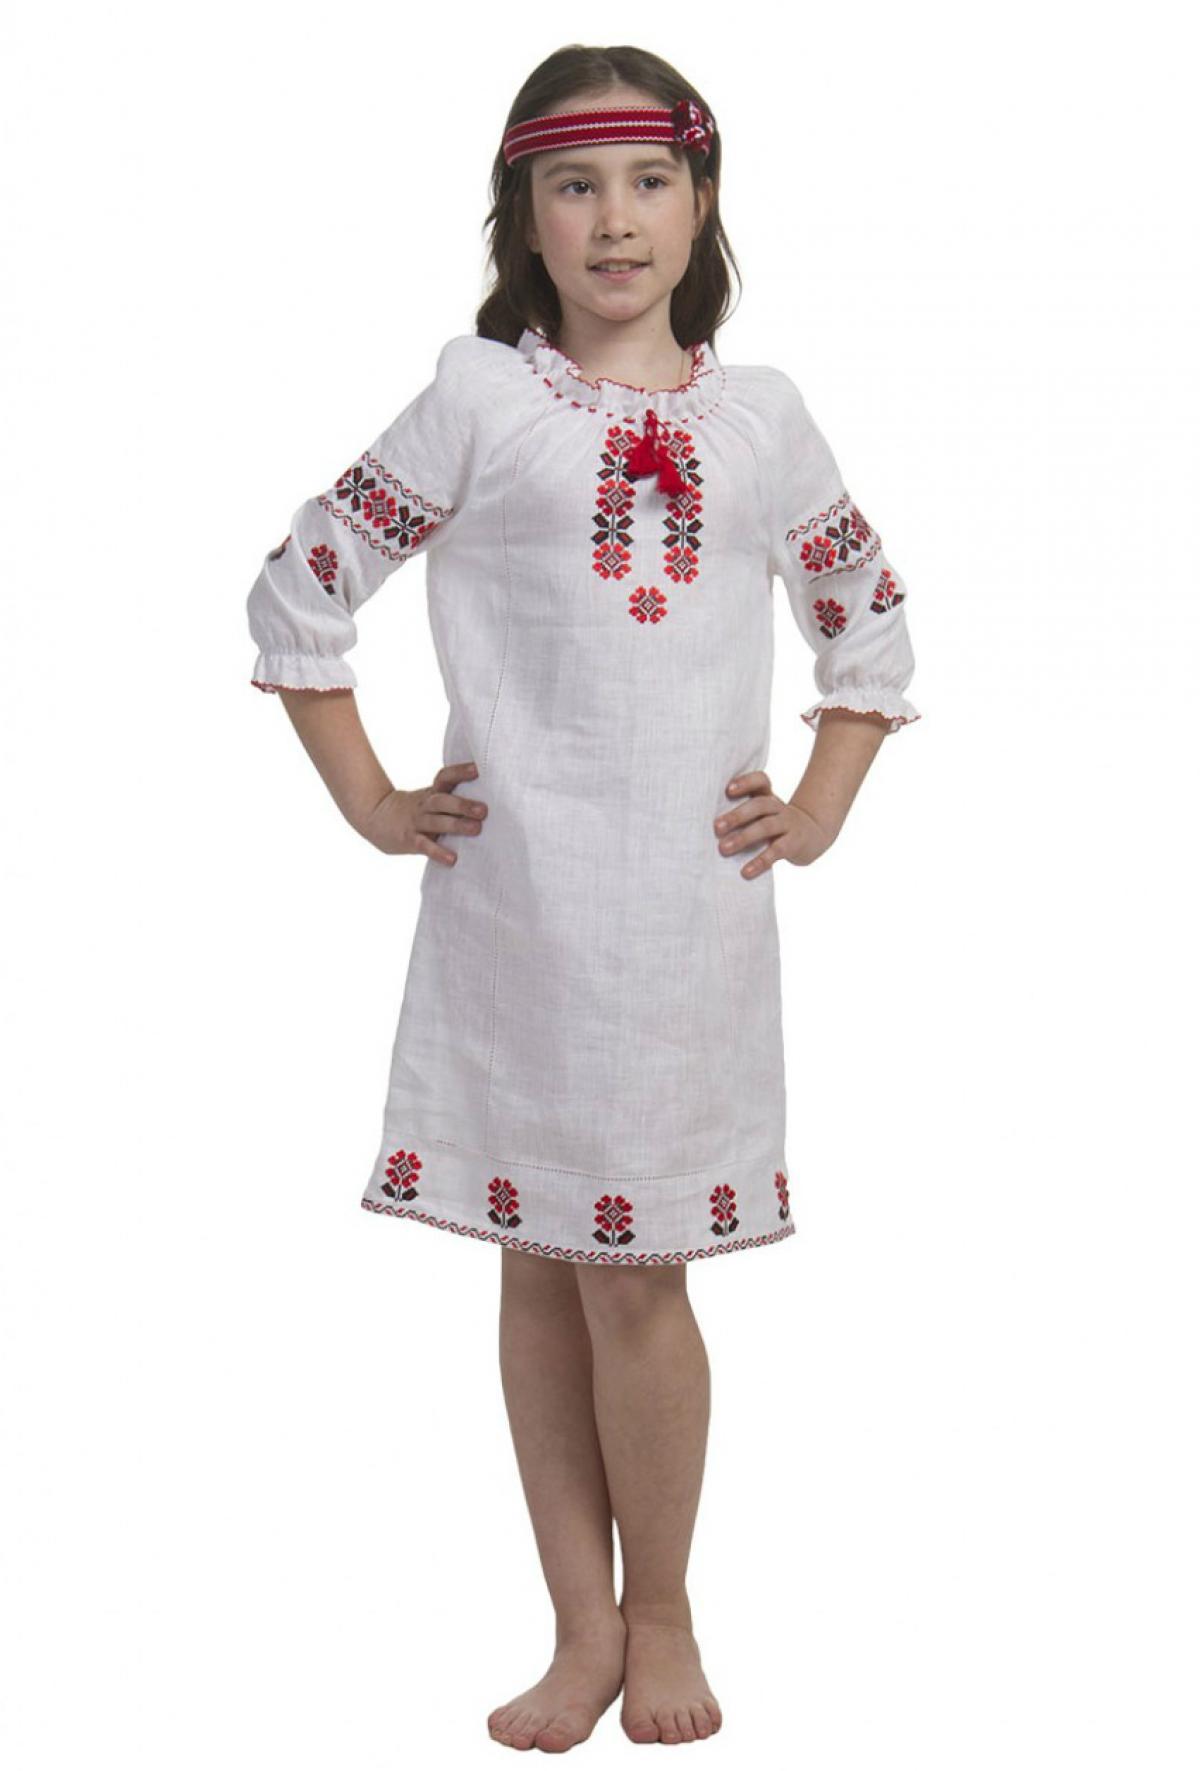 Белое вышитое платье для девочки с красными вышитыми цветами. Фото №1. | Народный дом Украина